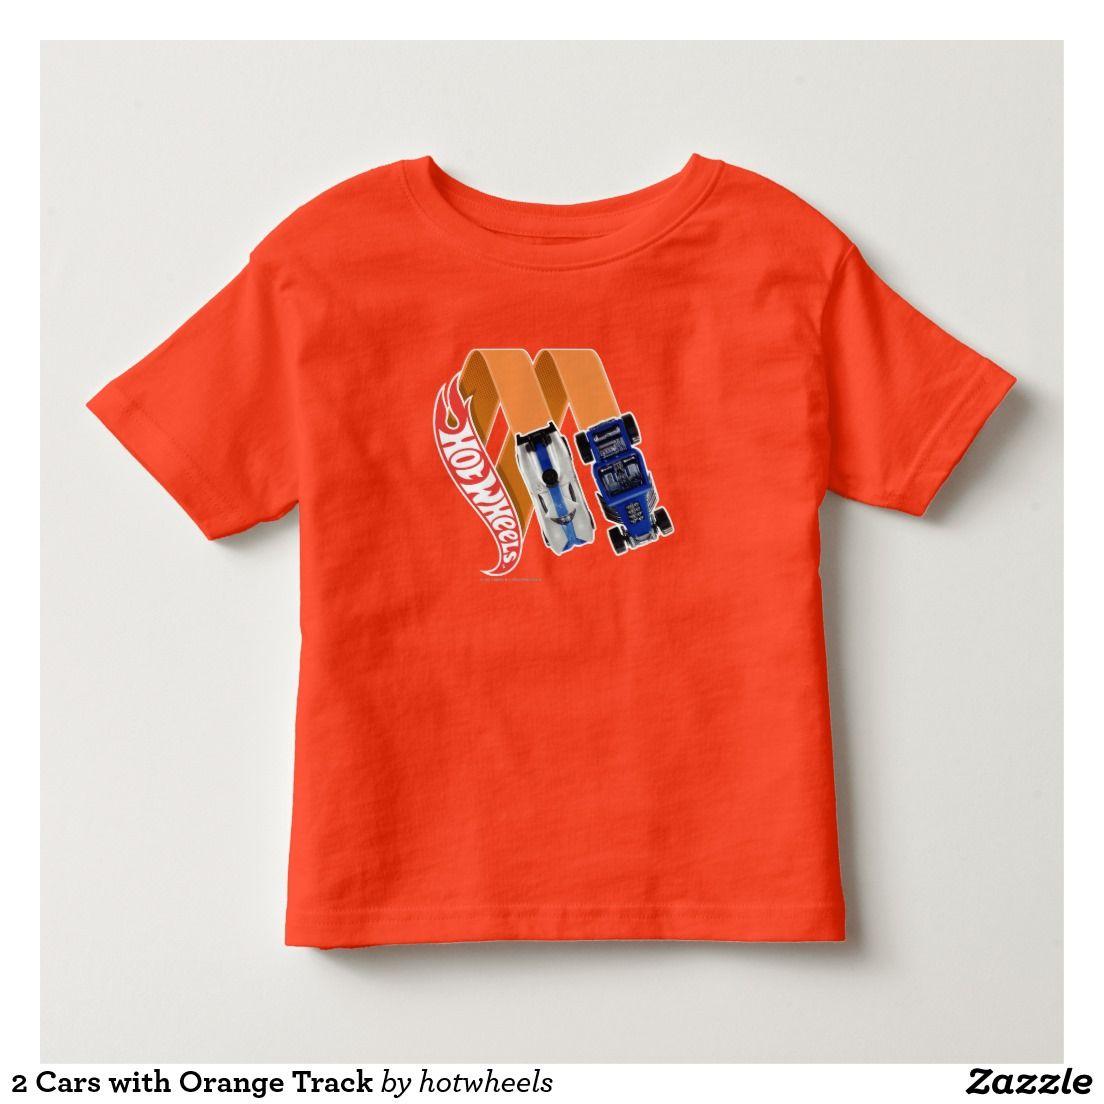 030e28faf206 Hot wheels flames toddler t-shirt